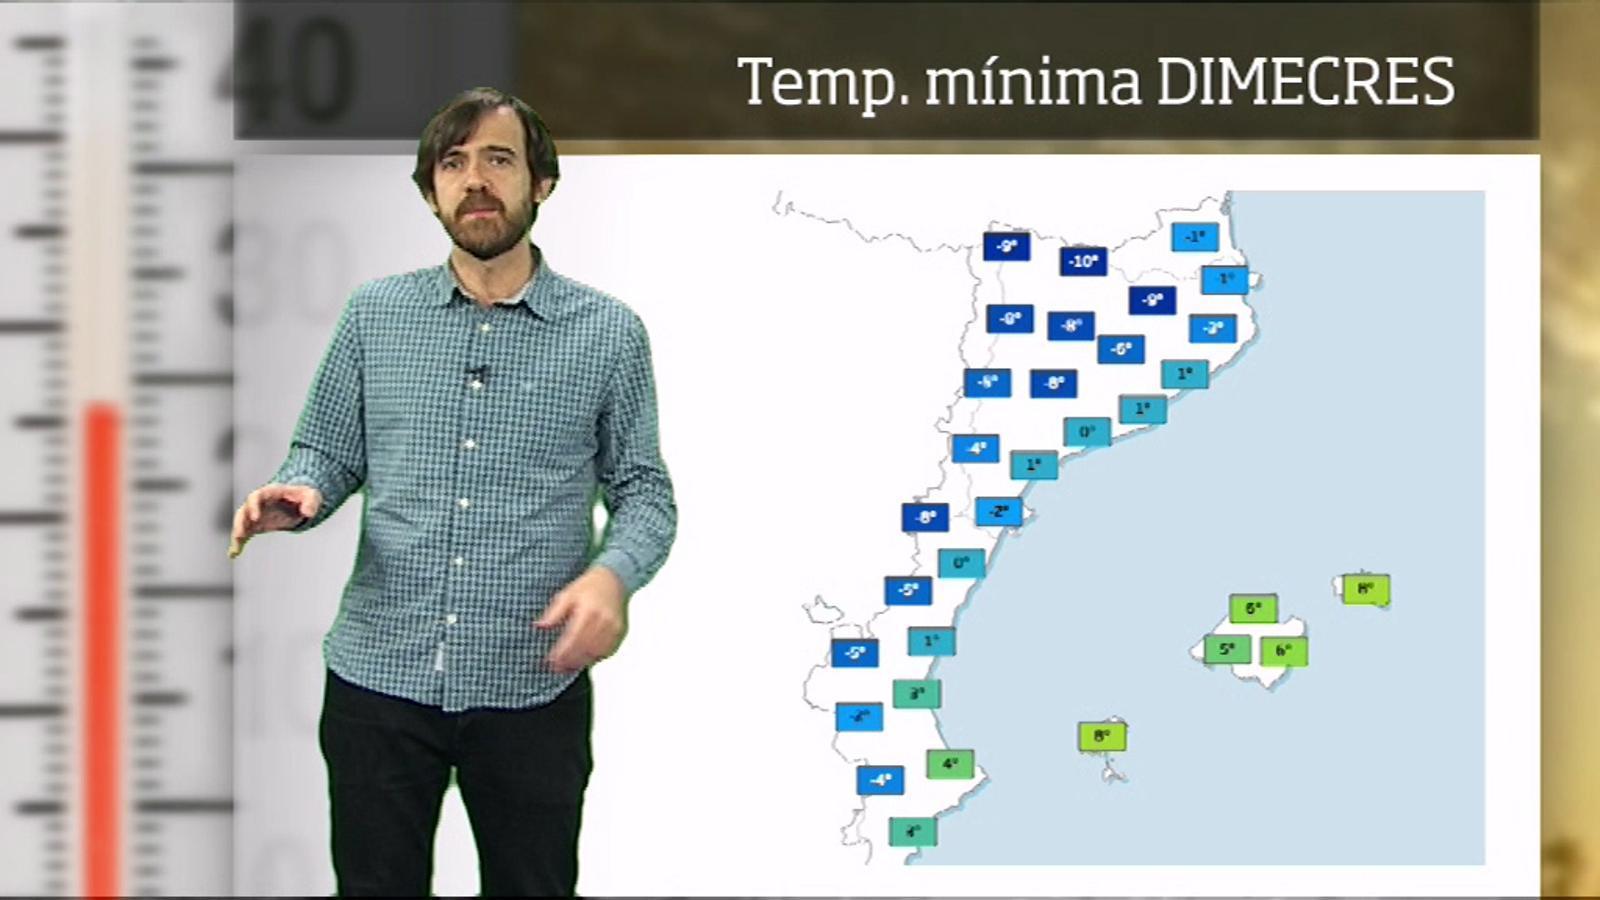 Méteo especial: pic de la fredorada i possibles precipitacions